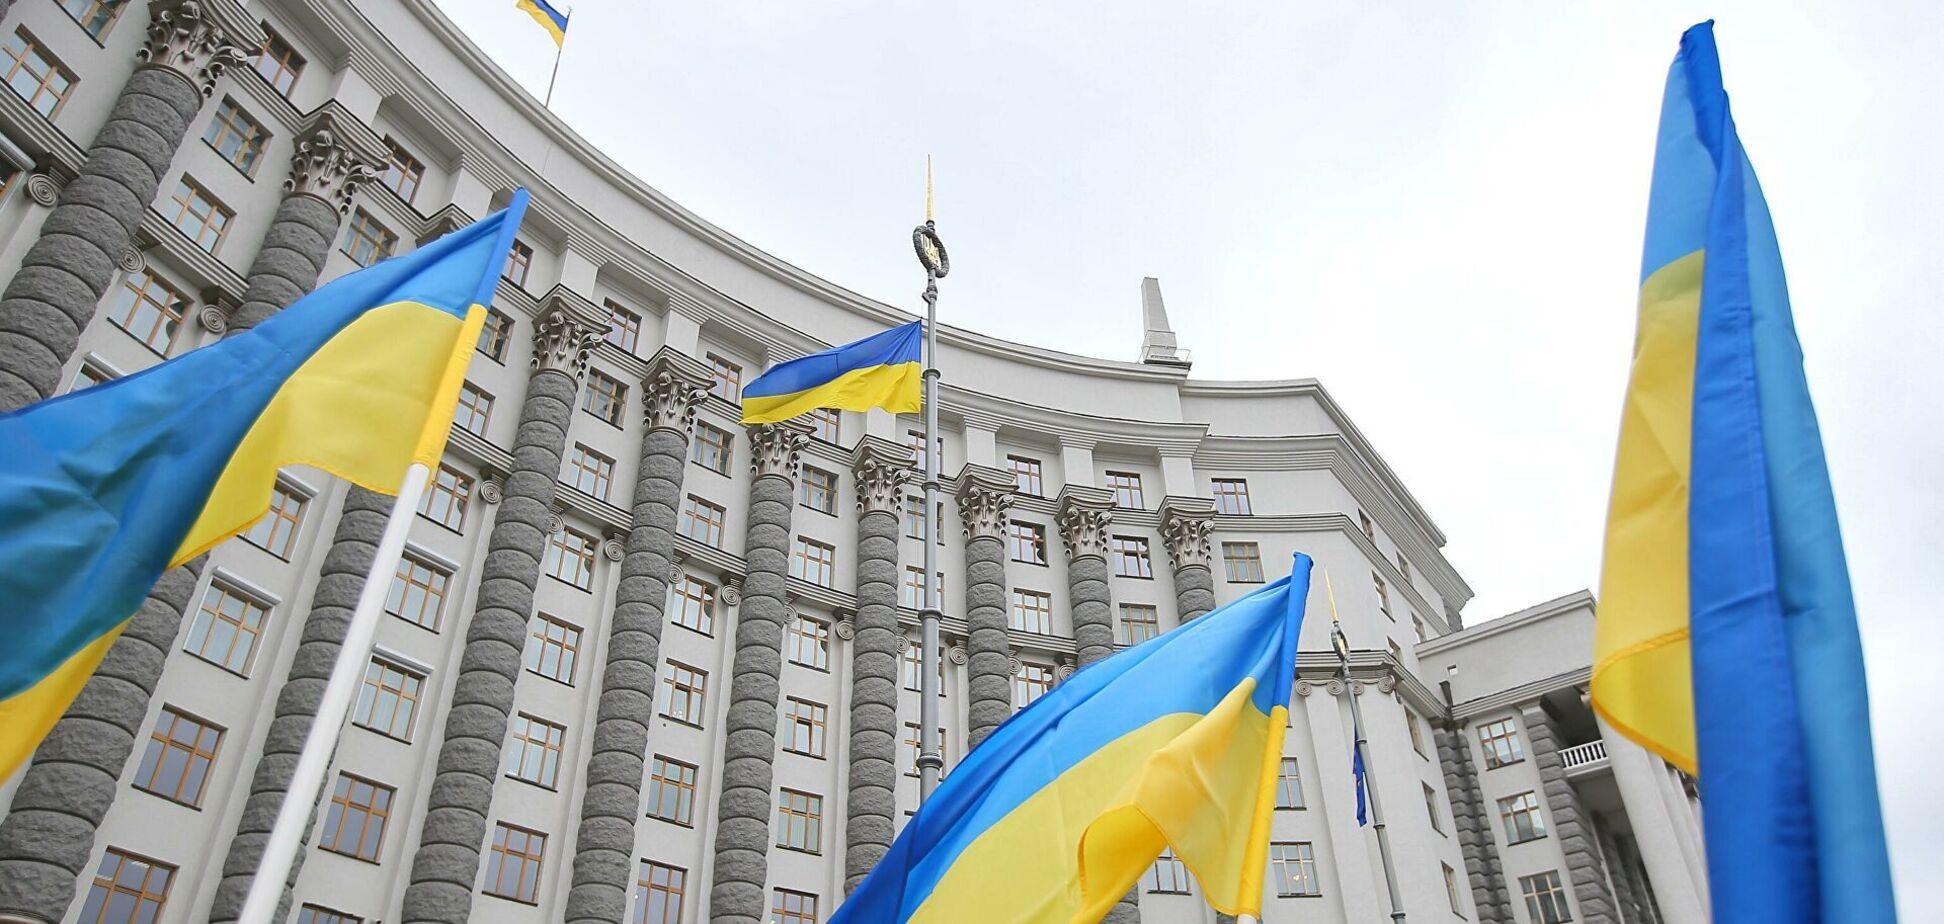 Многие украинцы в первую очередь надеются на себя, а не на власть